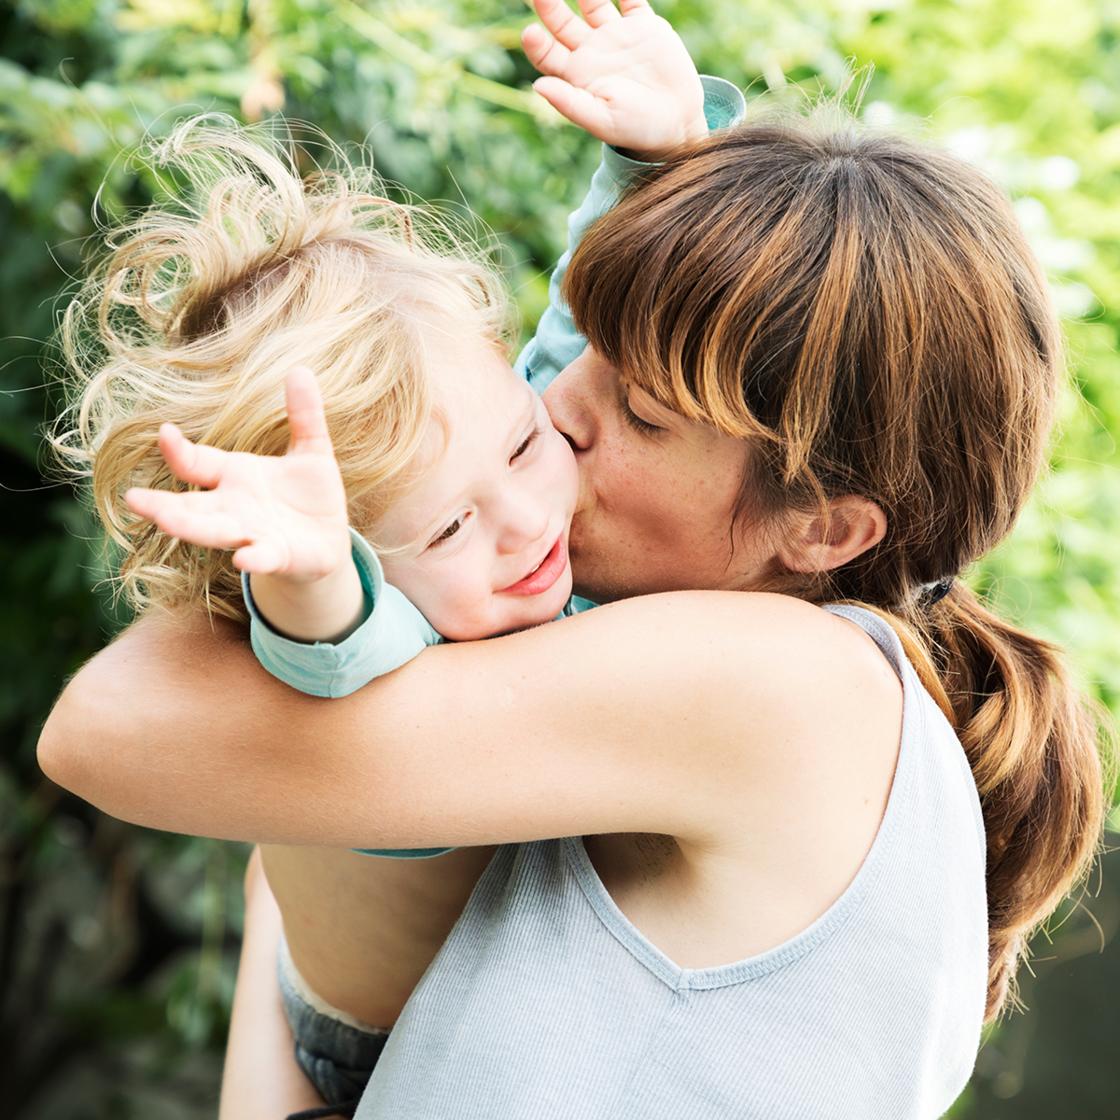 Eine Umarmung mit ihrem Sohn offenbart für die Mutter